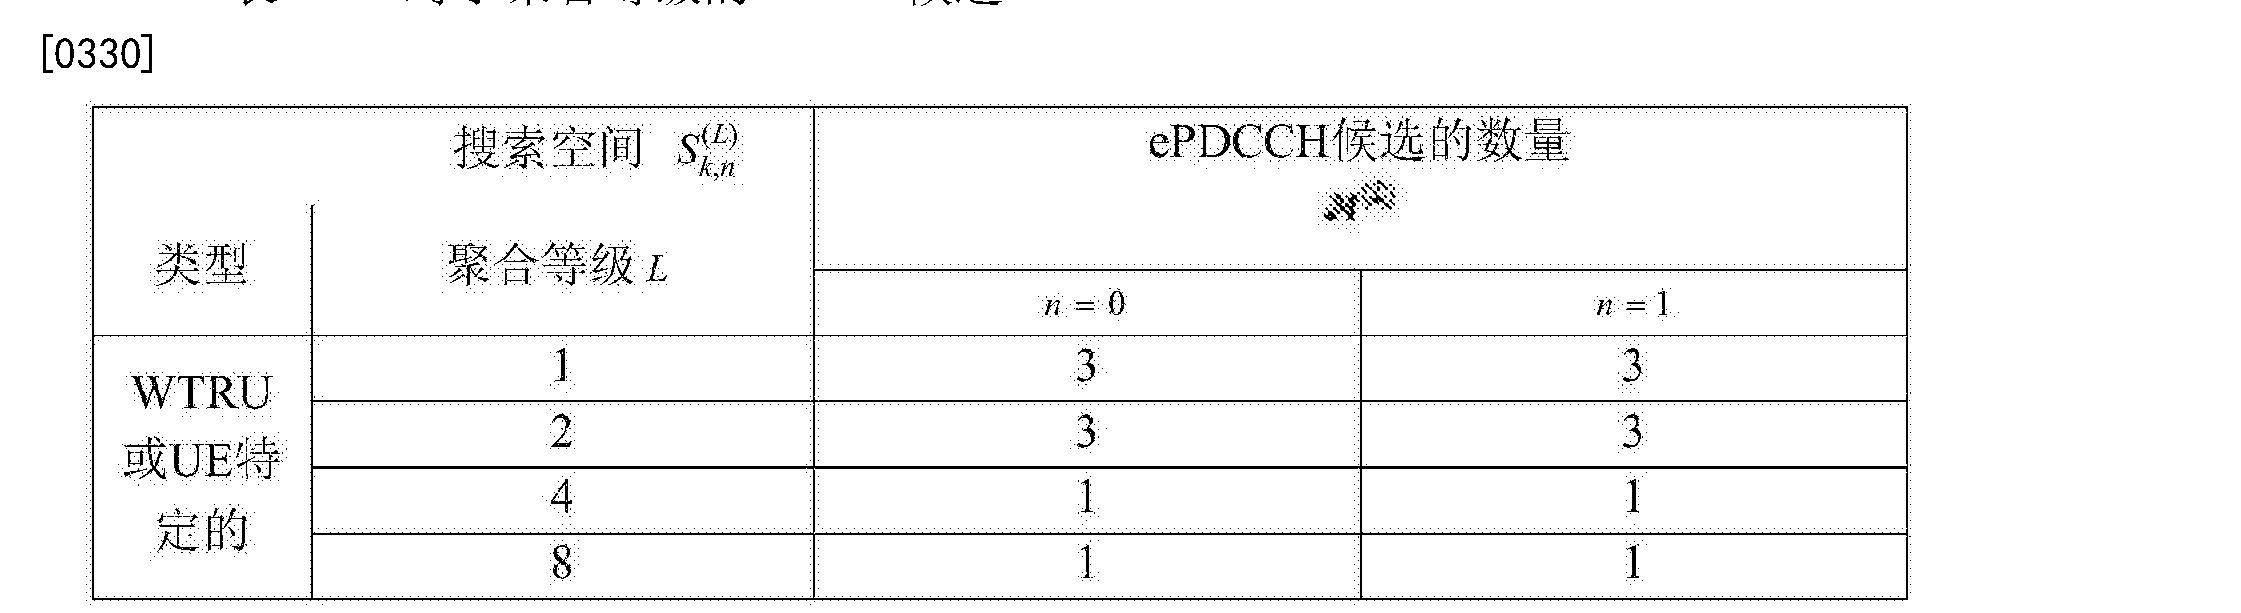 Figure CN104081709BD00523